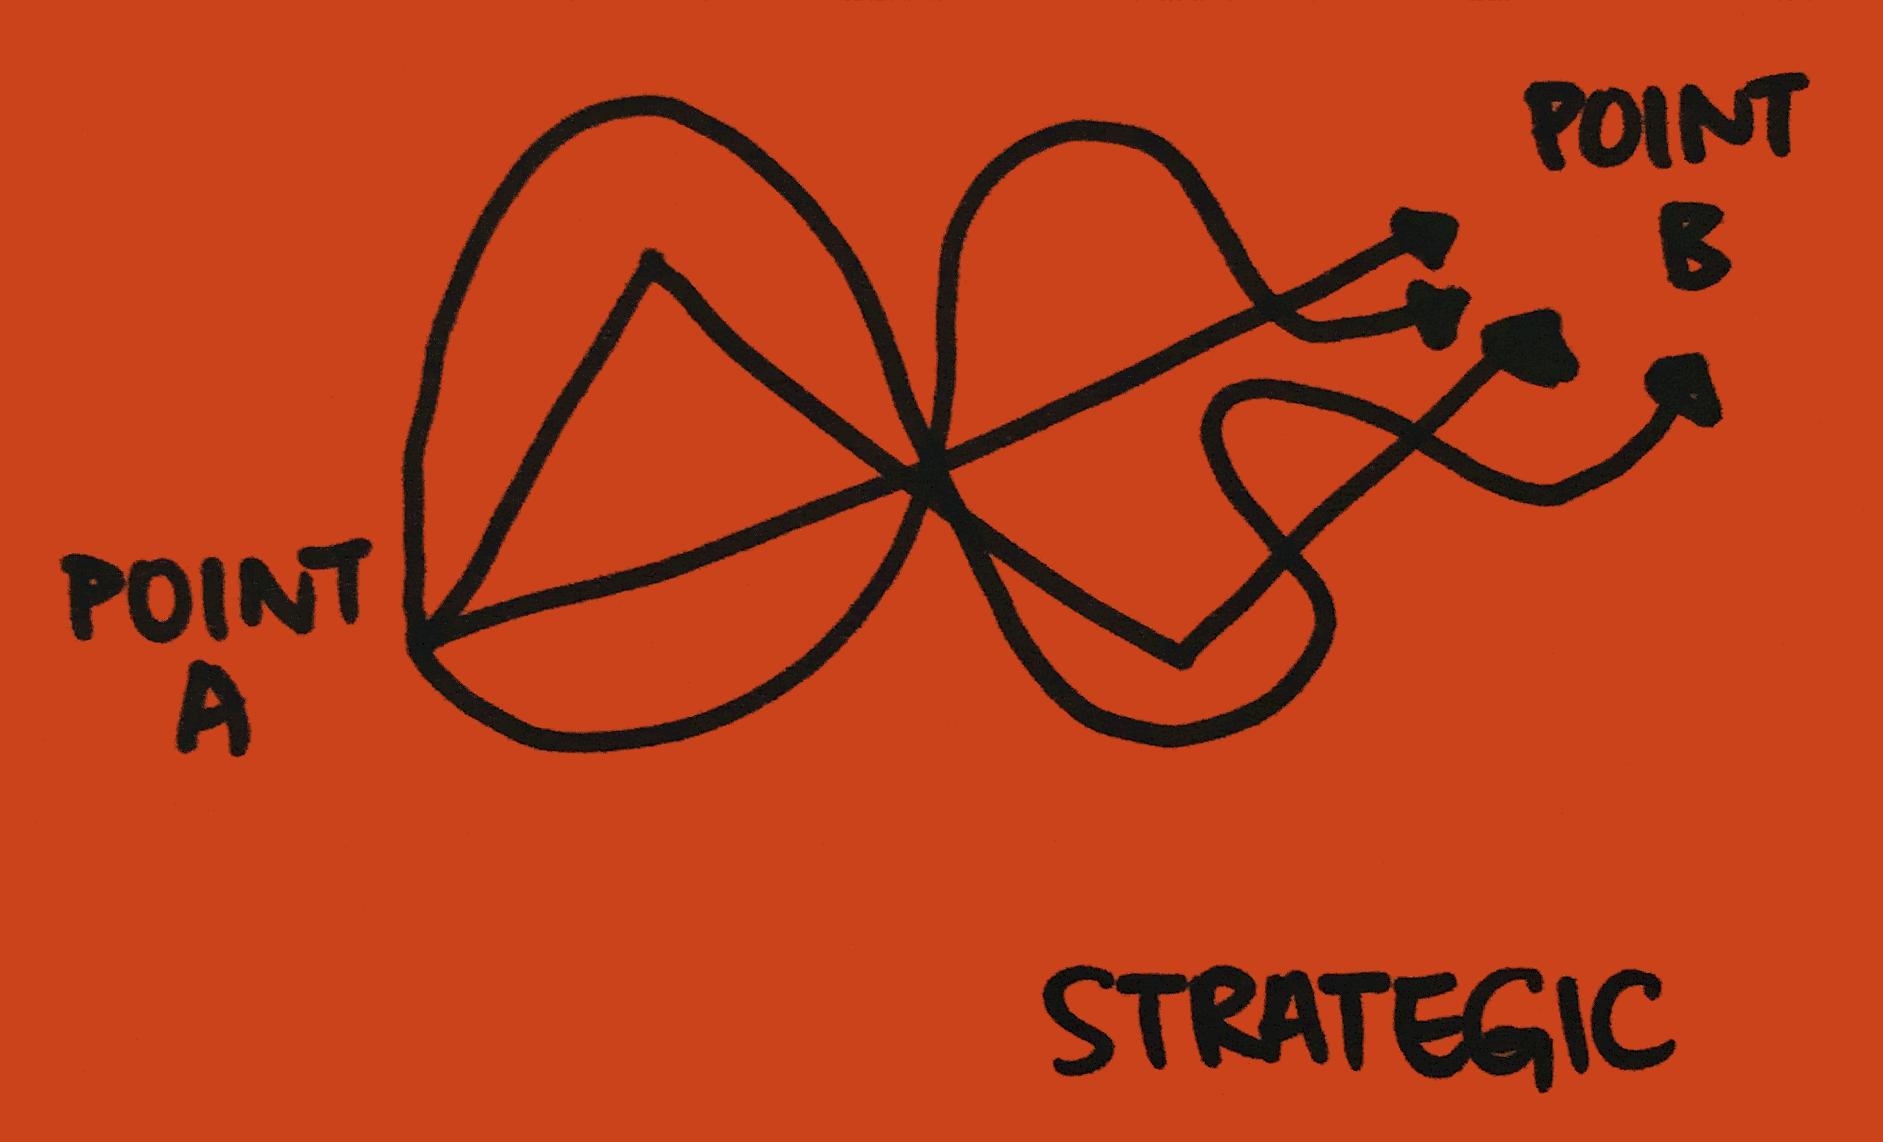 strengthsfinder-singapore-strengths-school-strategic-3